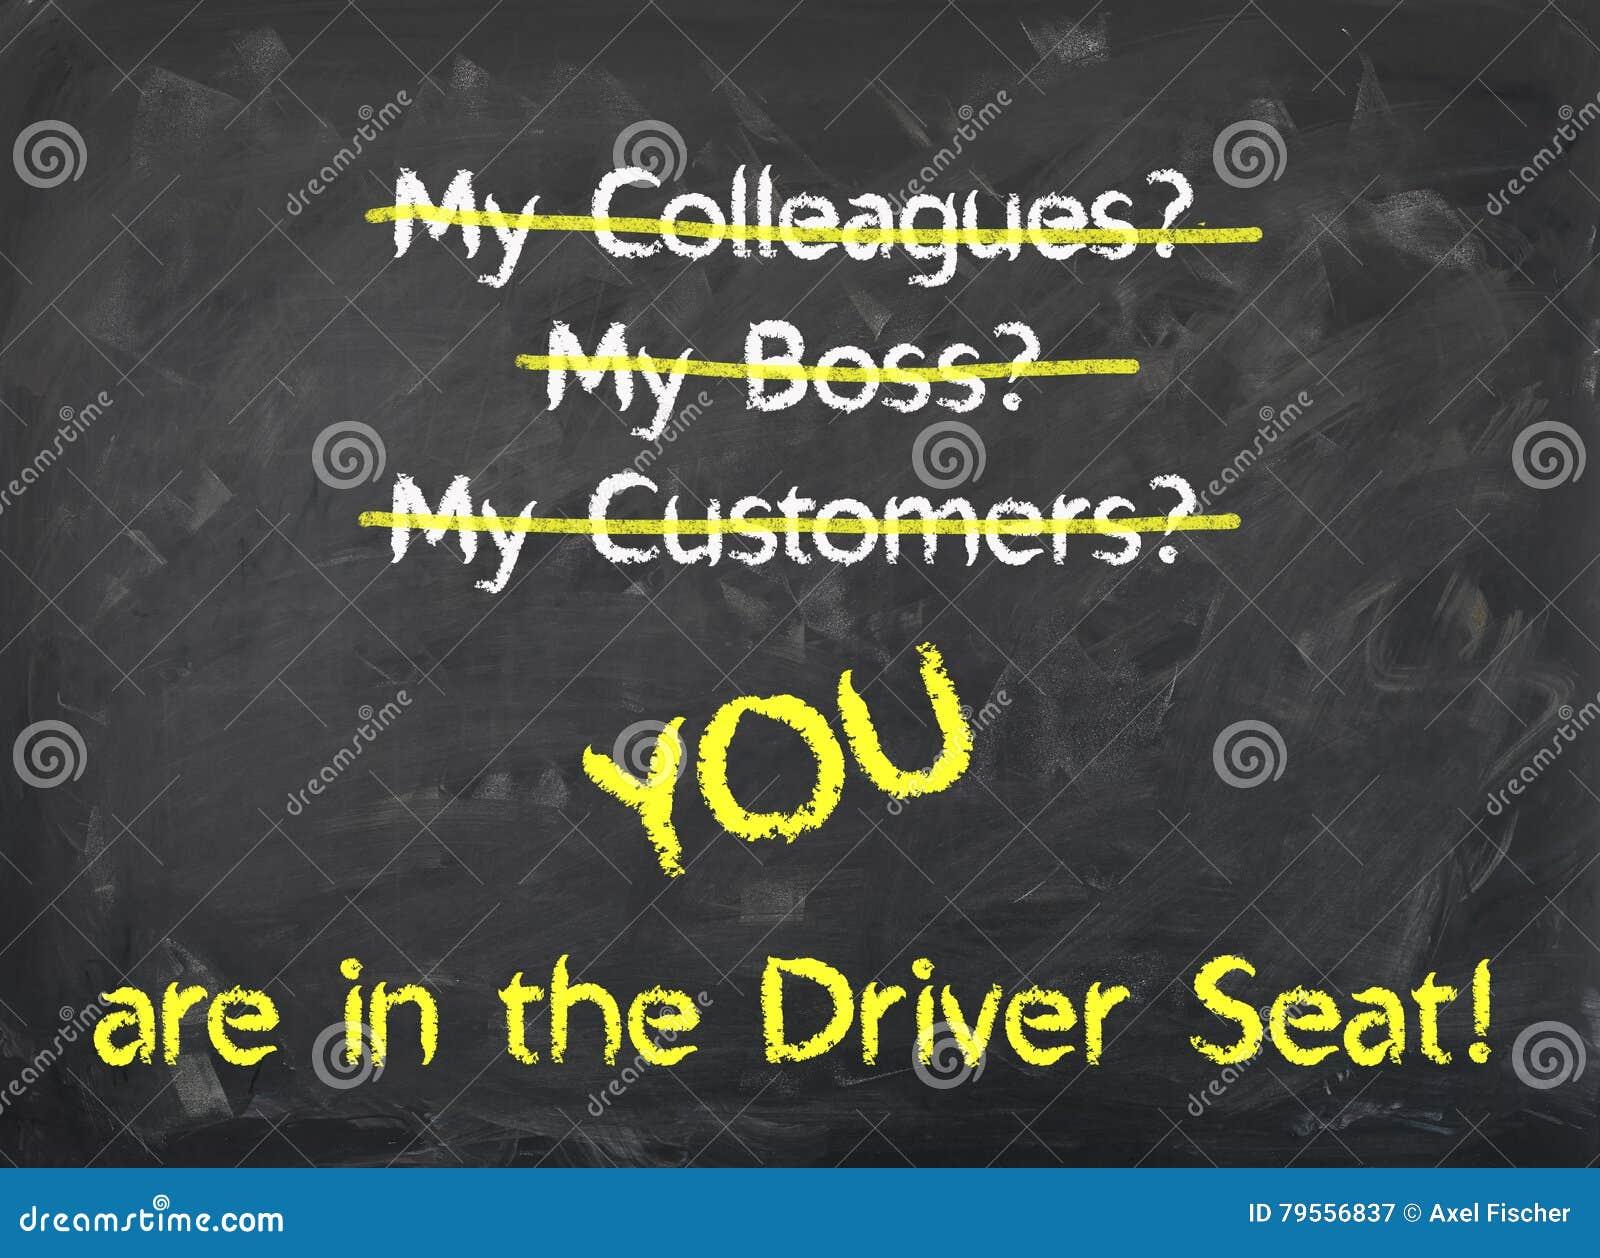 Bord - u bent in de Bestuurder Seat